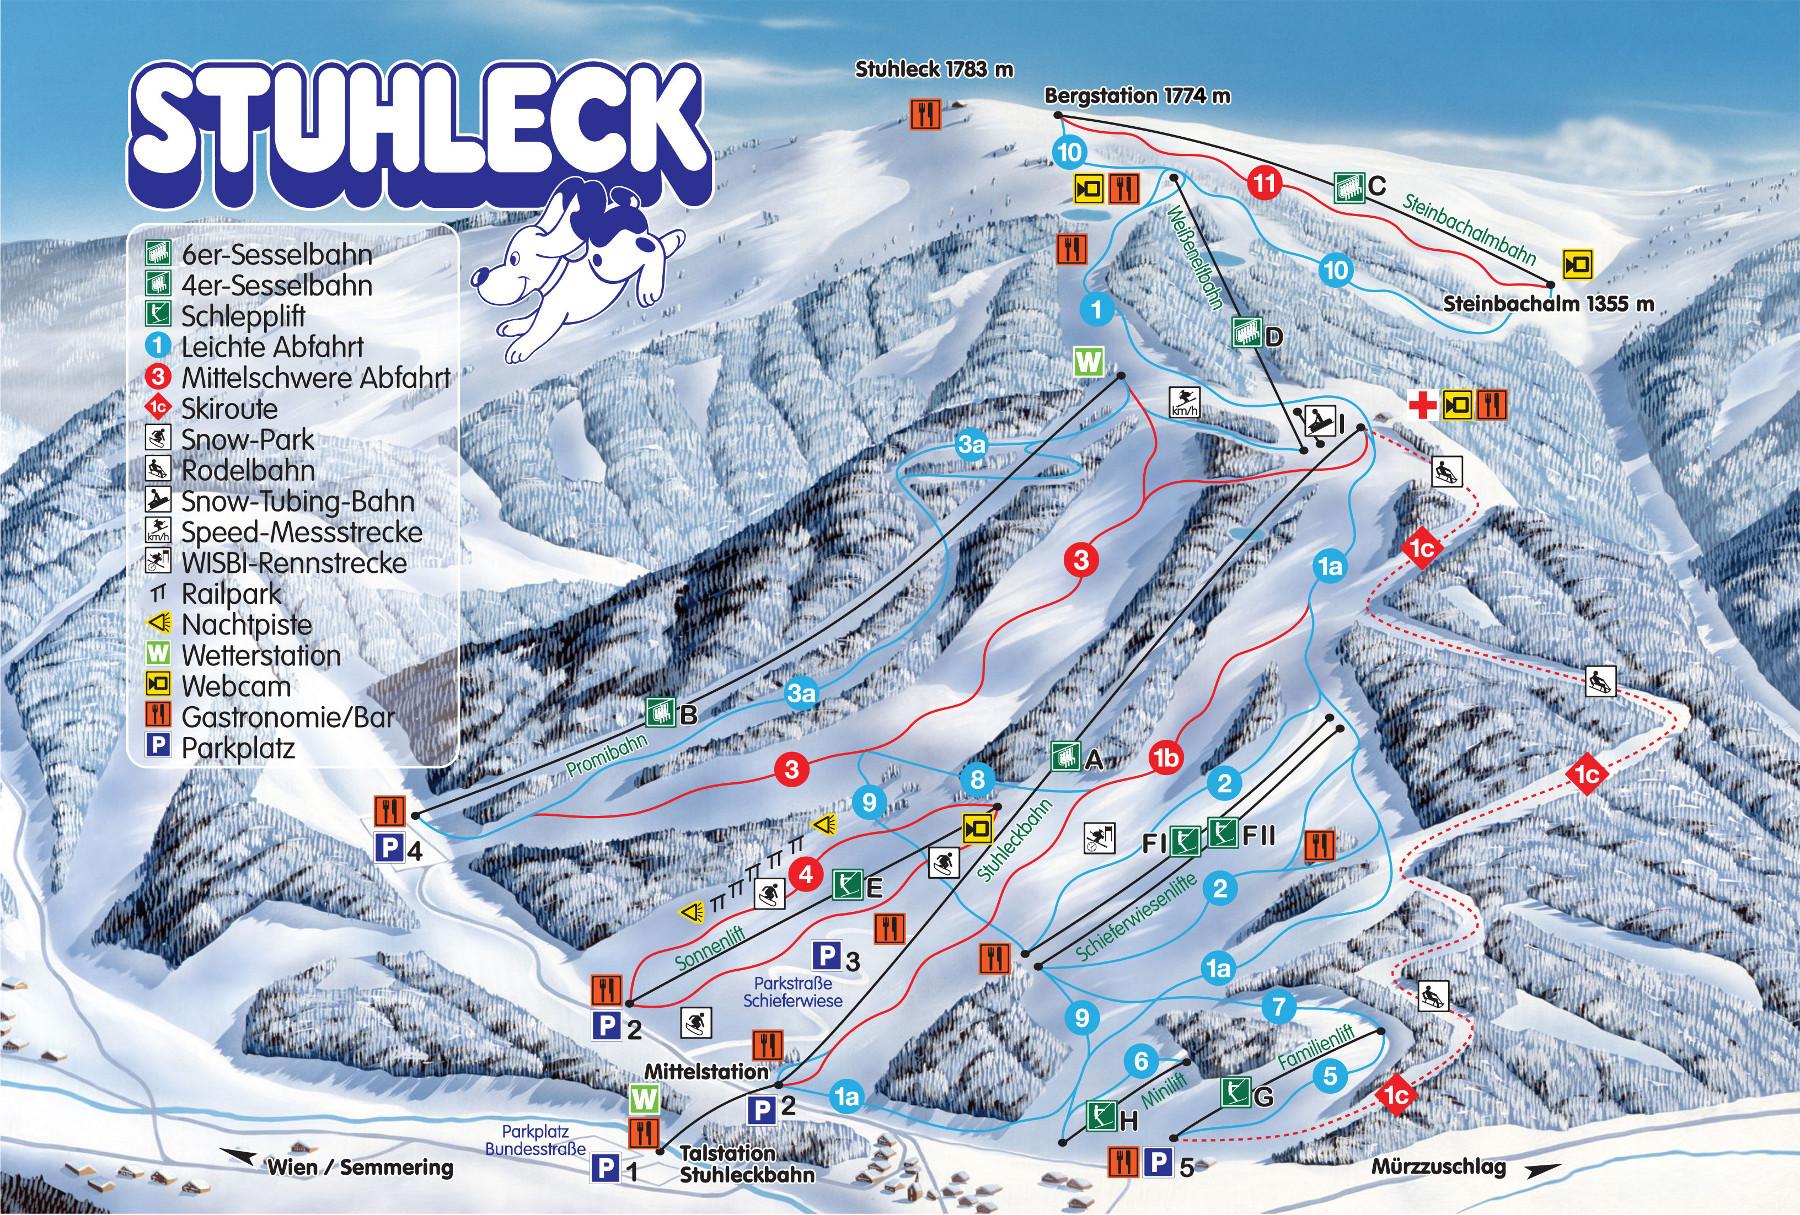 Lyžařská mapa sjezdovek areálu Stuhleck